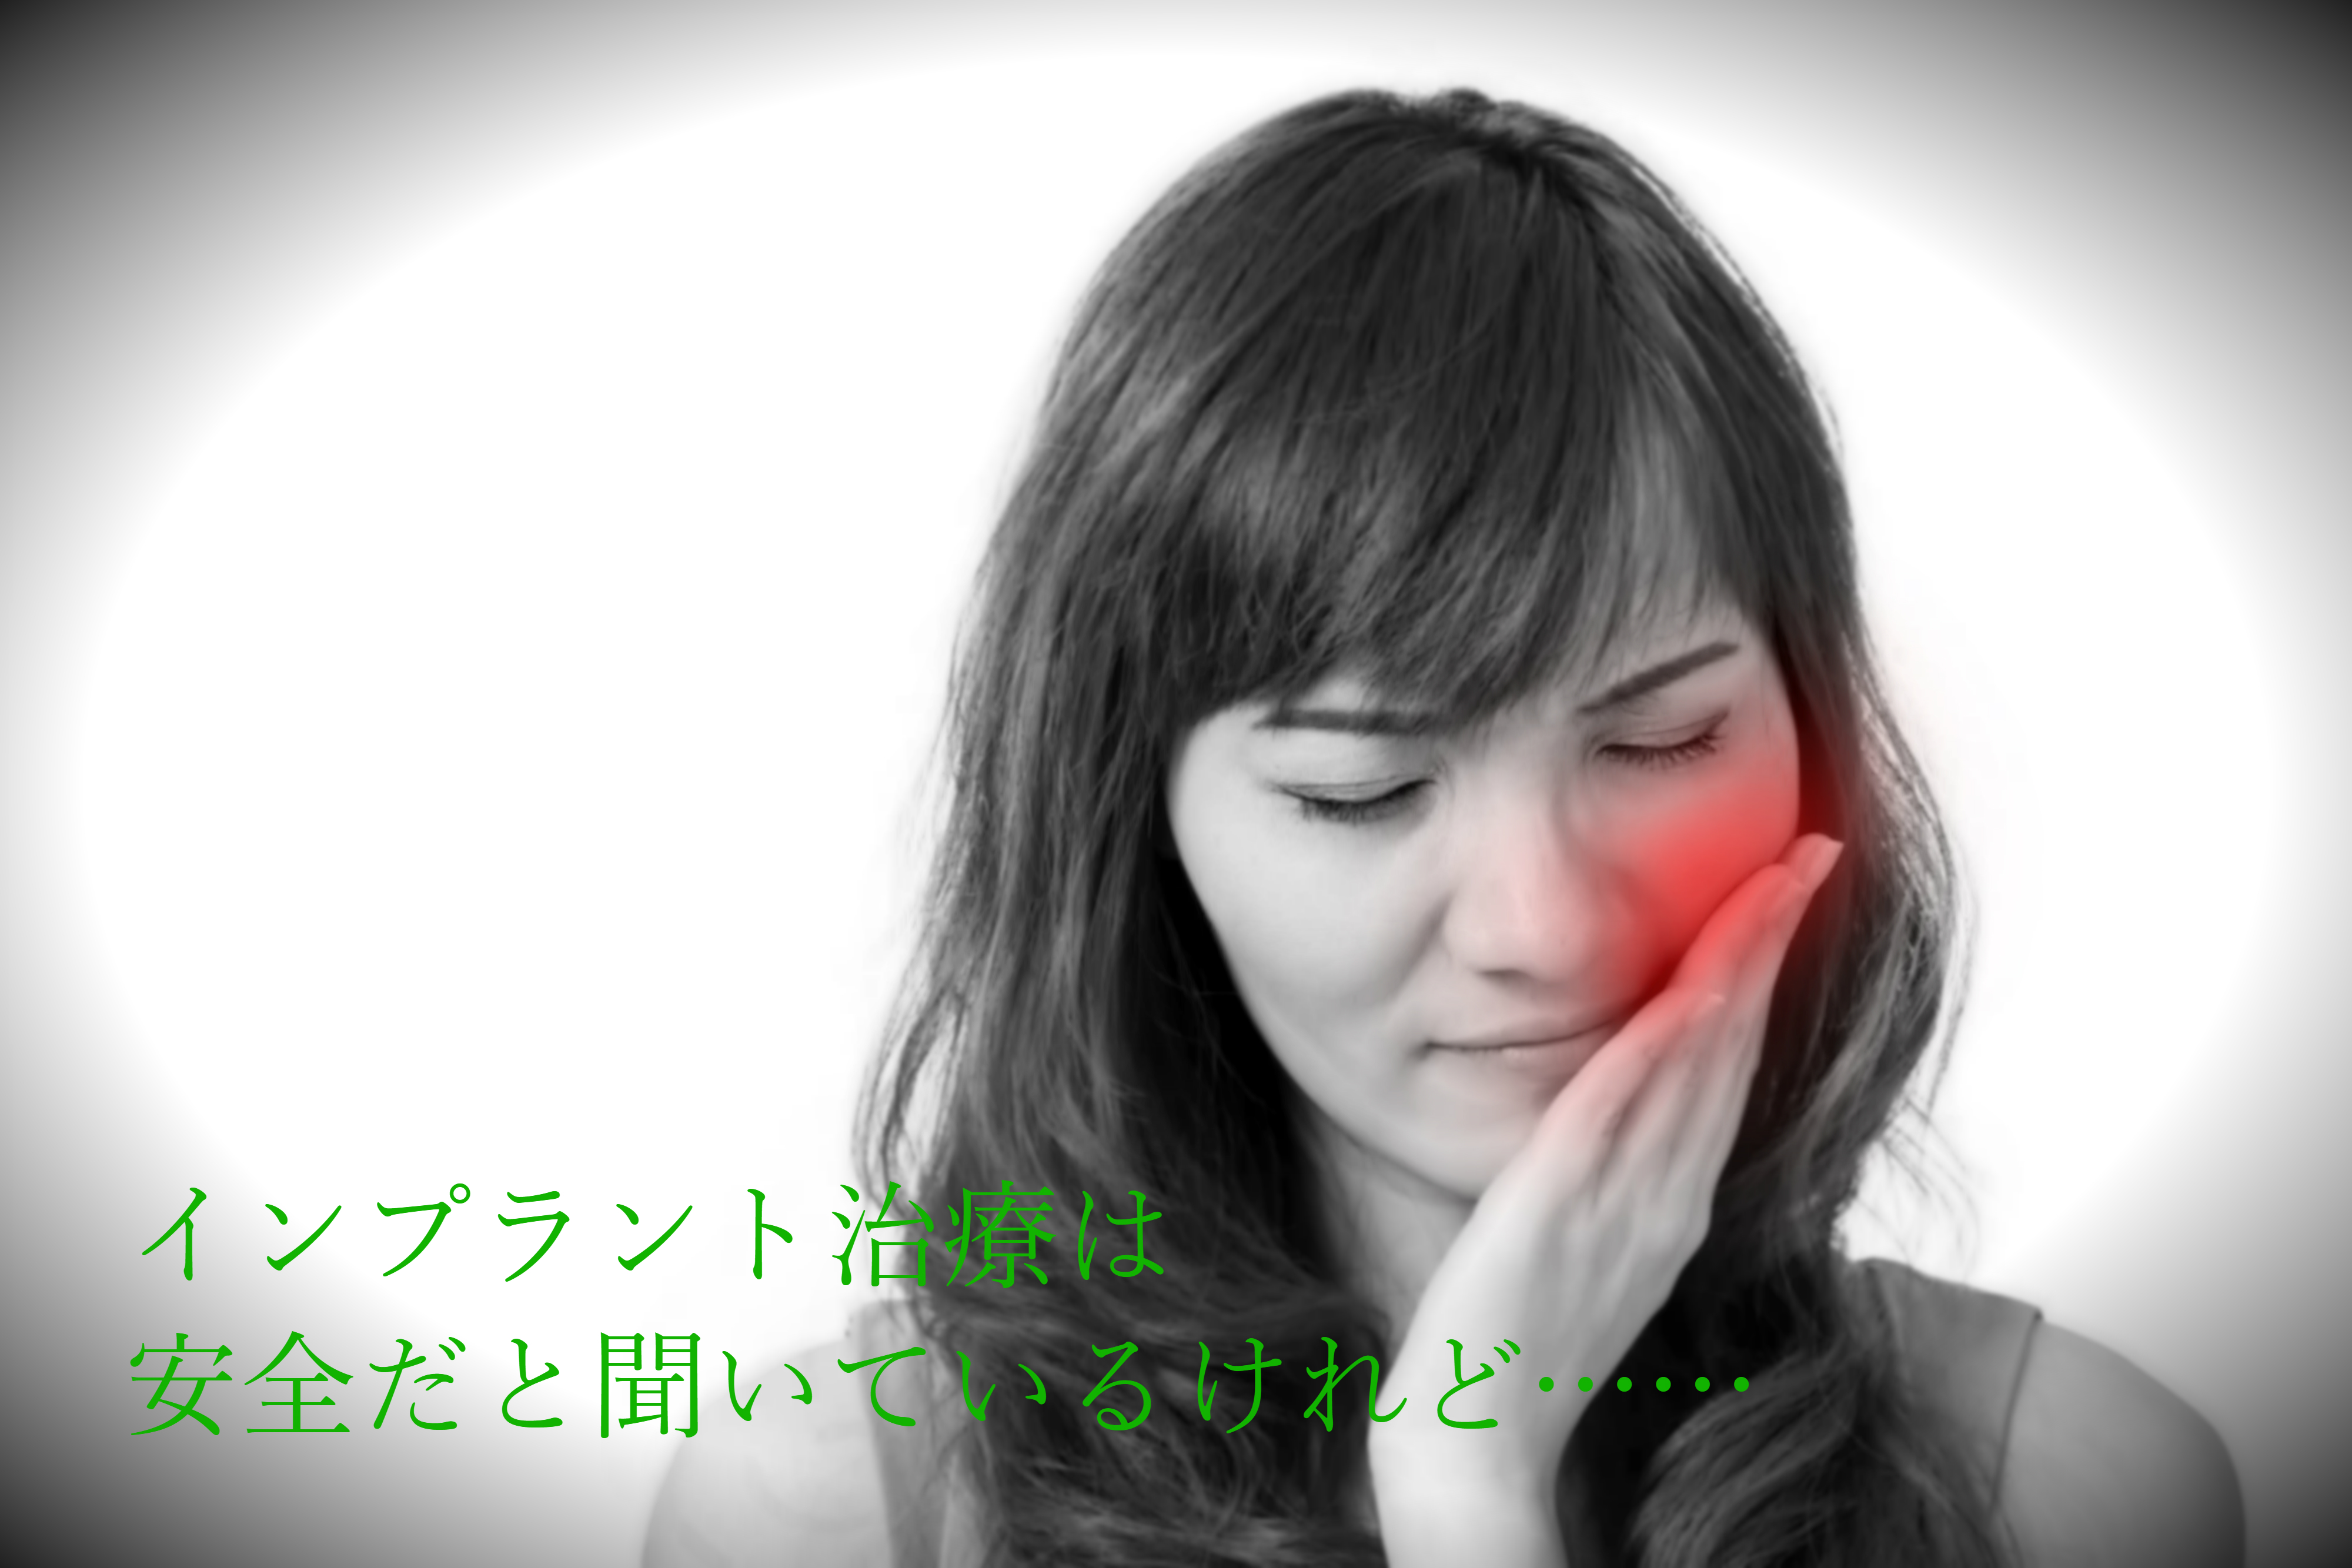 インプラントも銀歯のように金属アレルギーの原因になる?